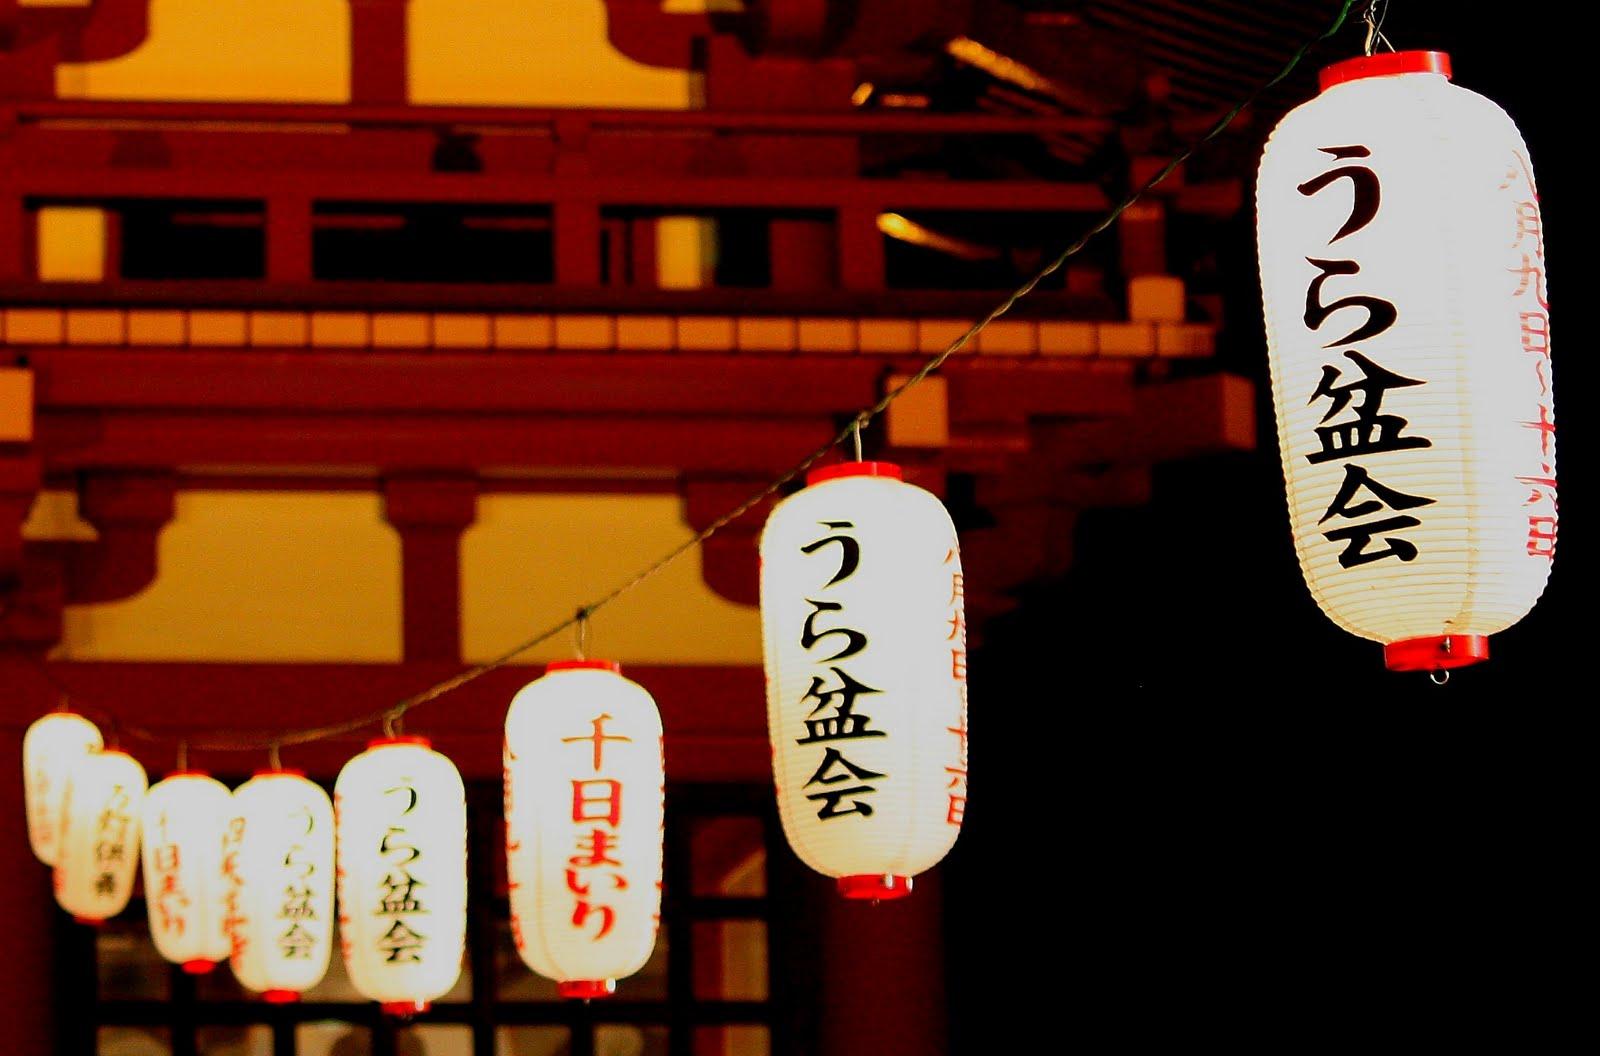 I went out walking...: Shintennoji Urabon-e Manto Kuyo.